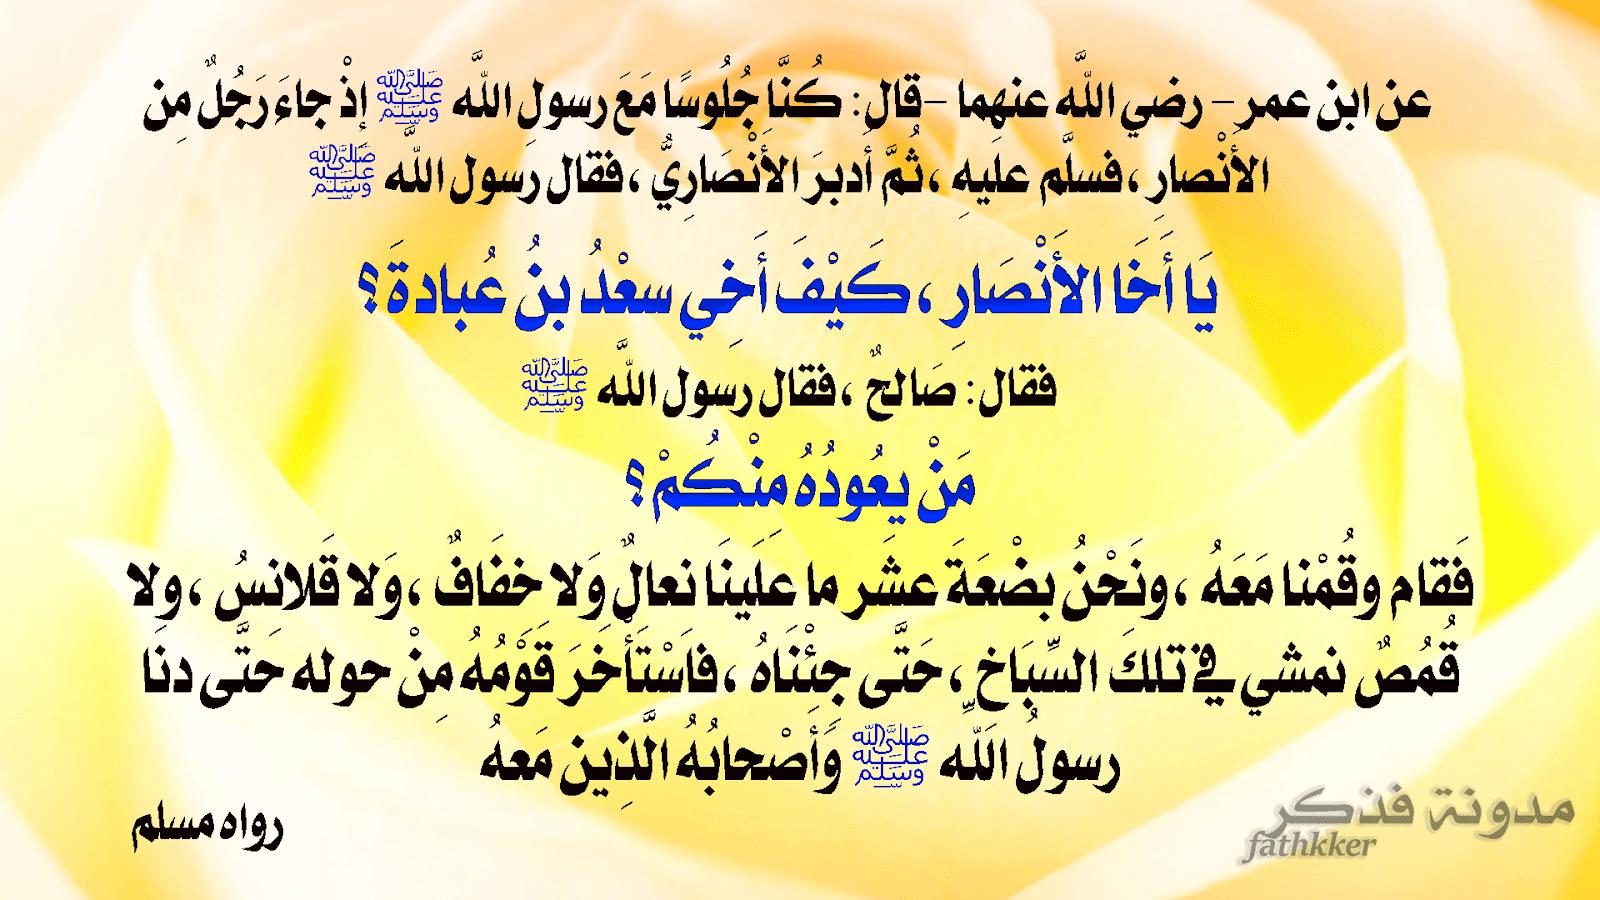 شرح حديث يا أخا الأنصار كيف أخي سعد بن عبادة فذكر